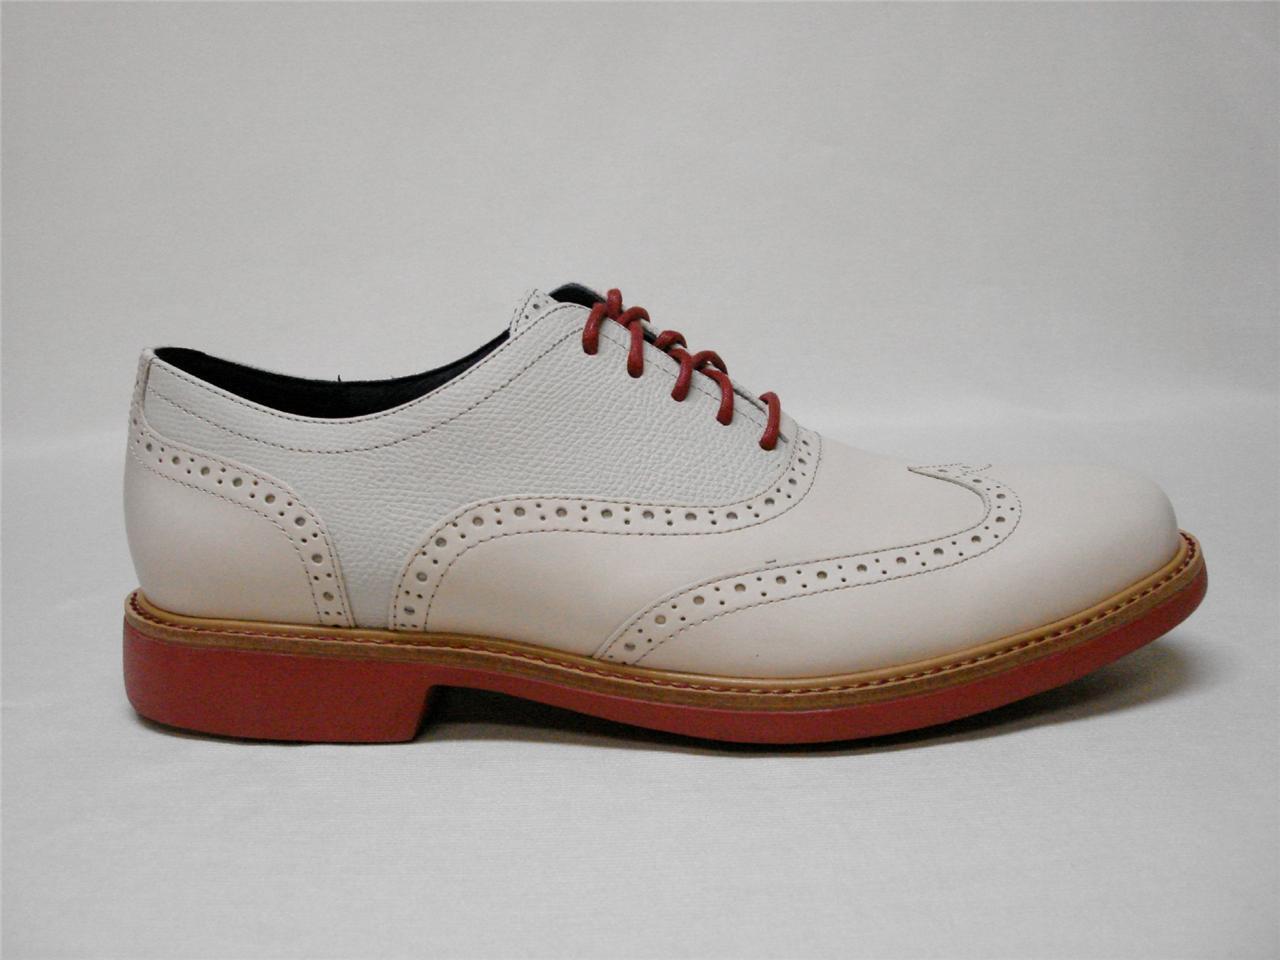 Neuf Dans Box  Cole Haan Great Jones Wingtip  Messieurs  chaussures  ivoire  11  Gentil